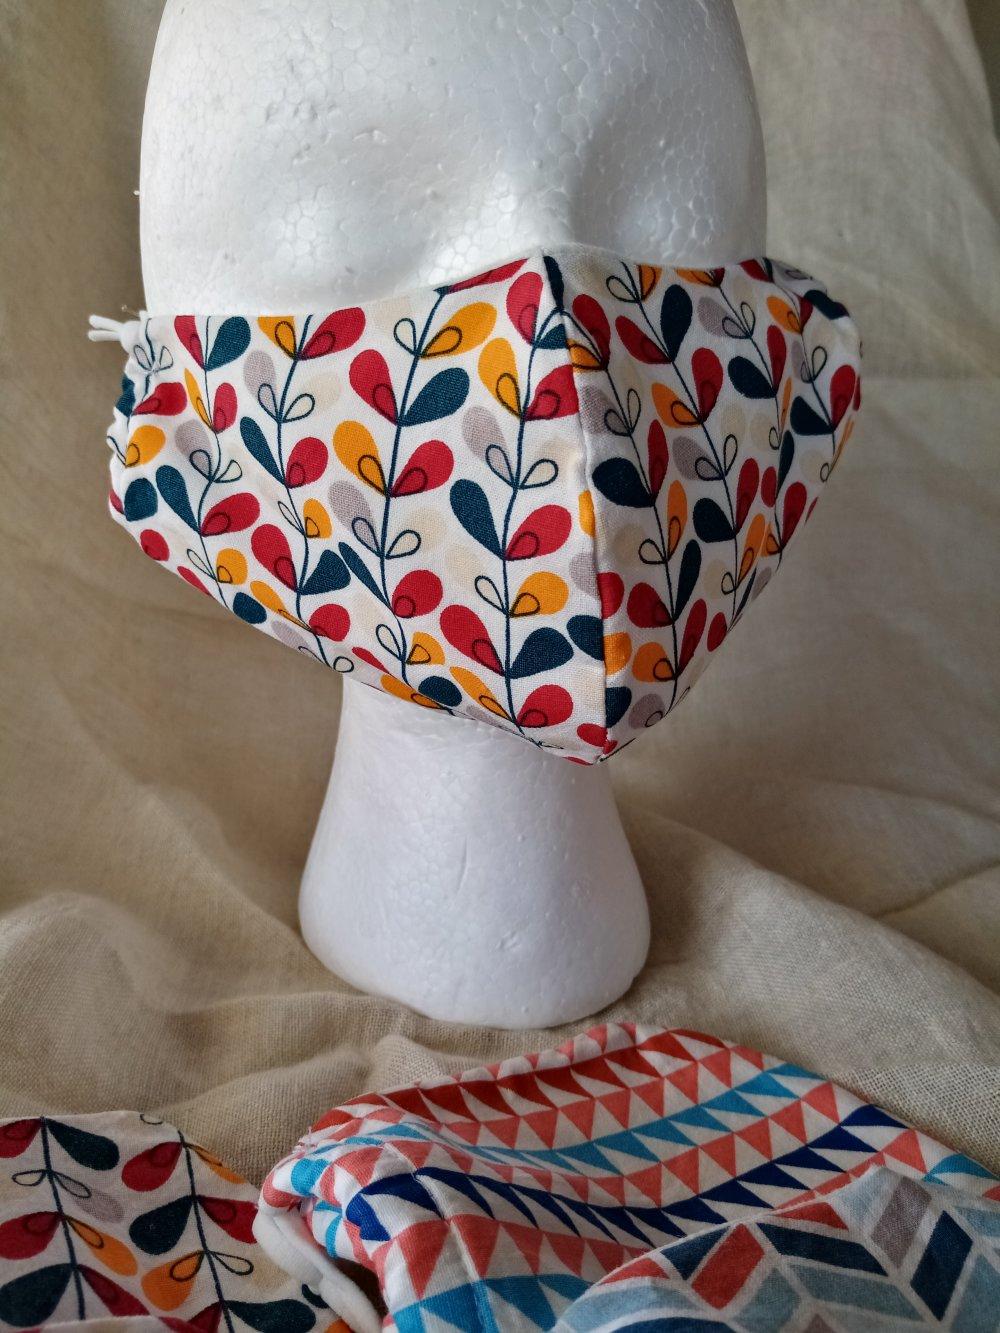 Masques de protection en tissus originaux de coton doublés